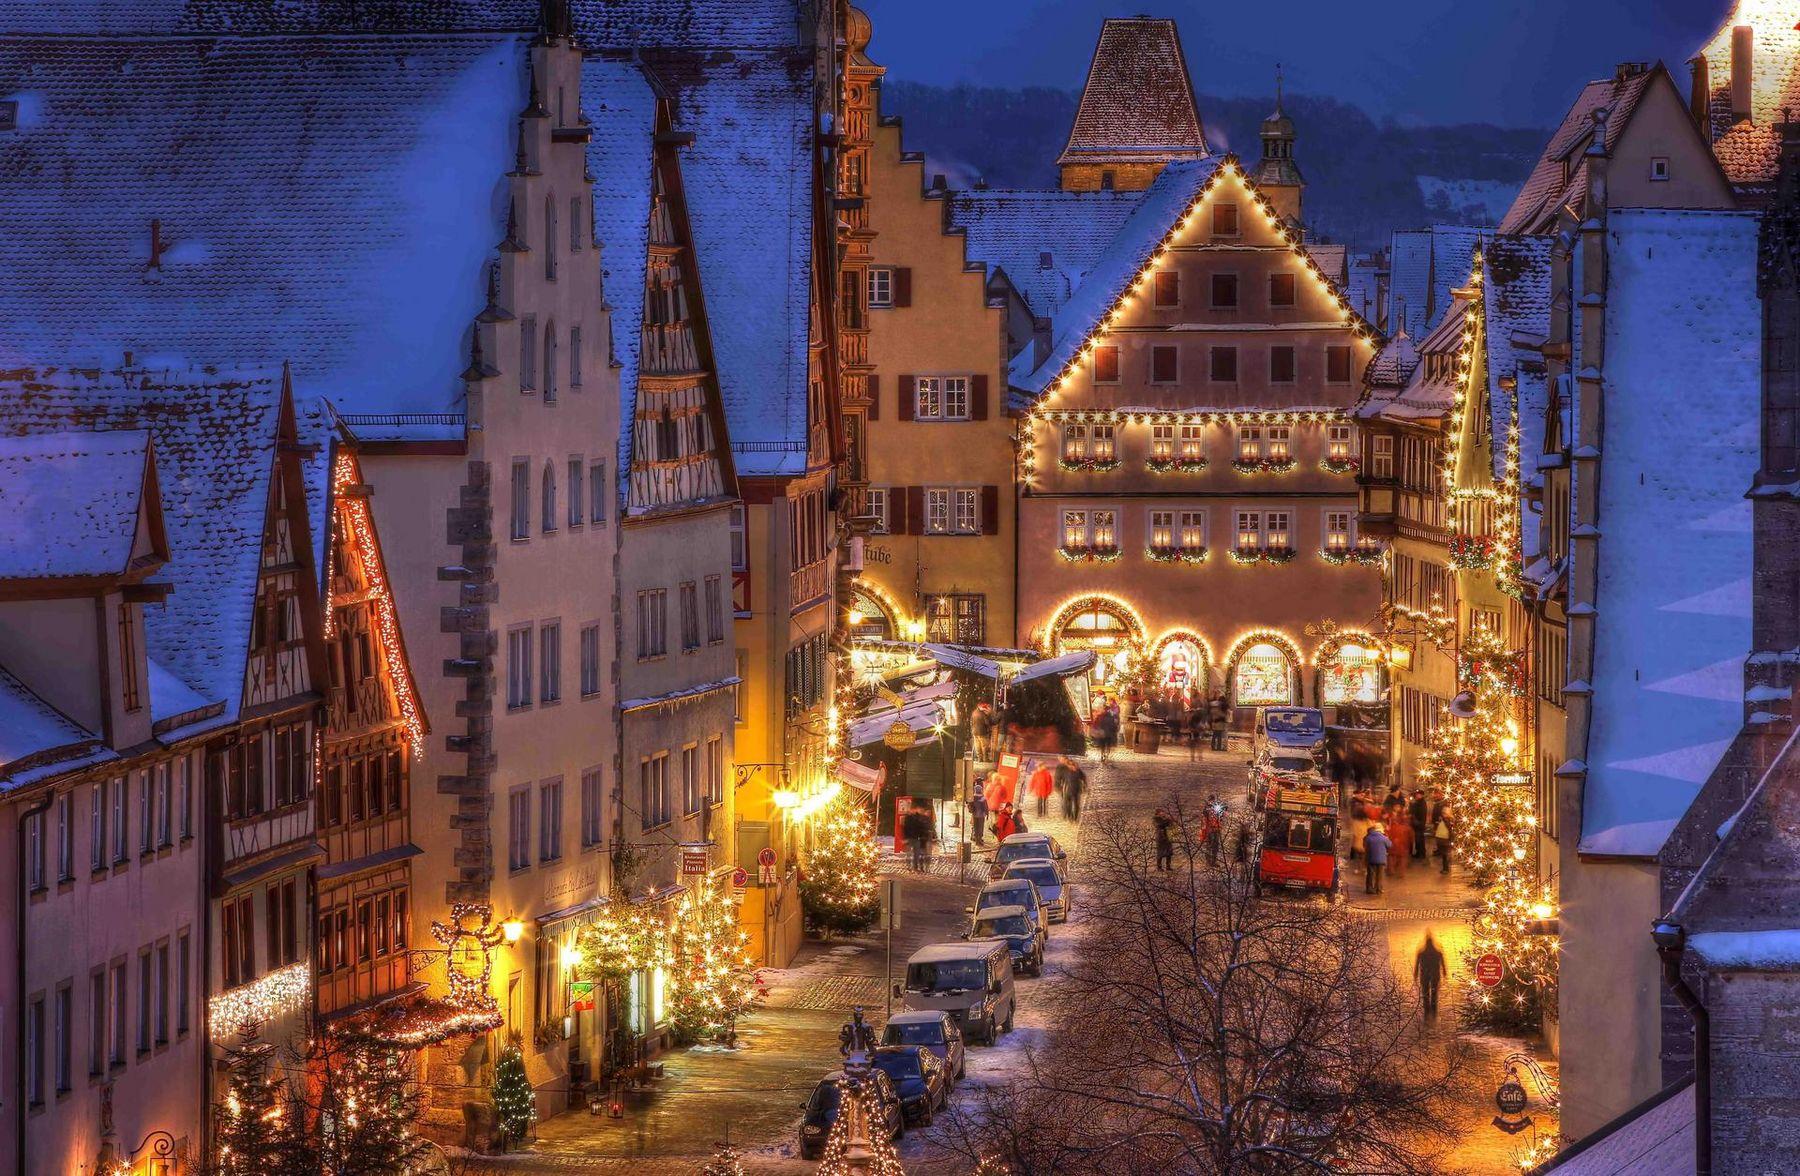 Rothenburg Tourismus Service WP klein RTS315 Kopie